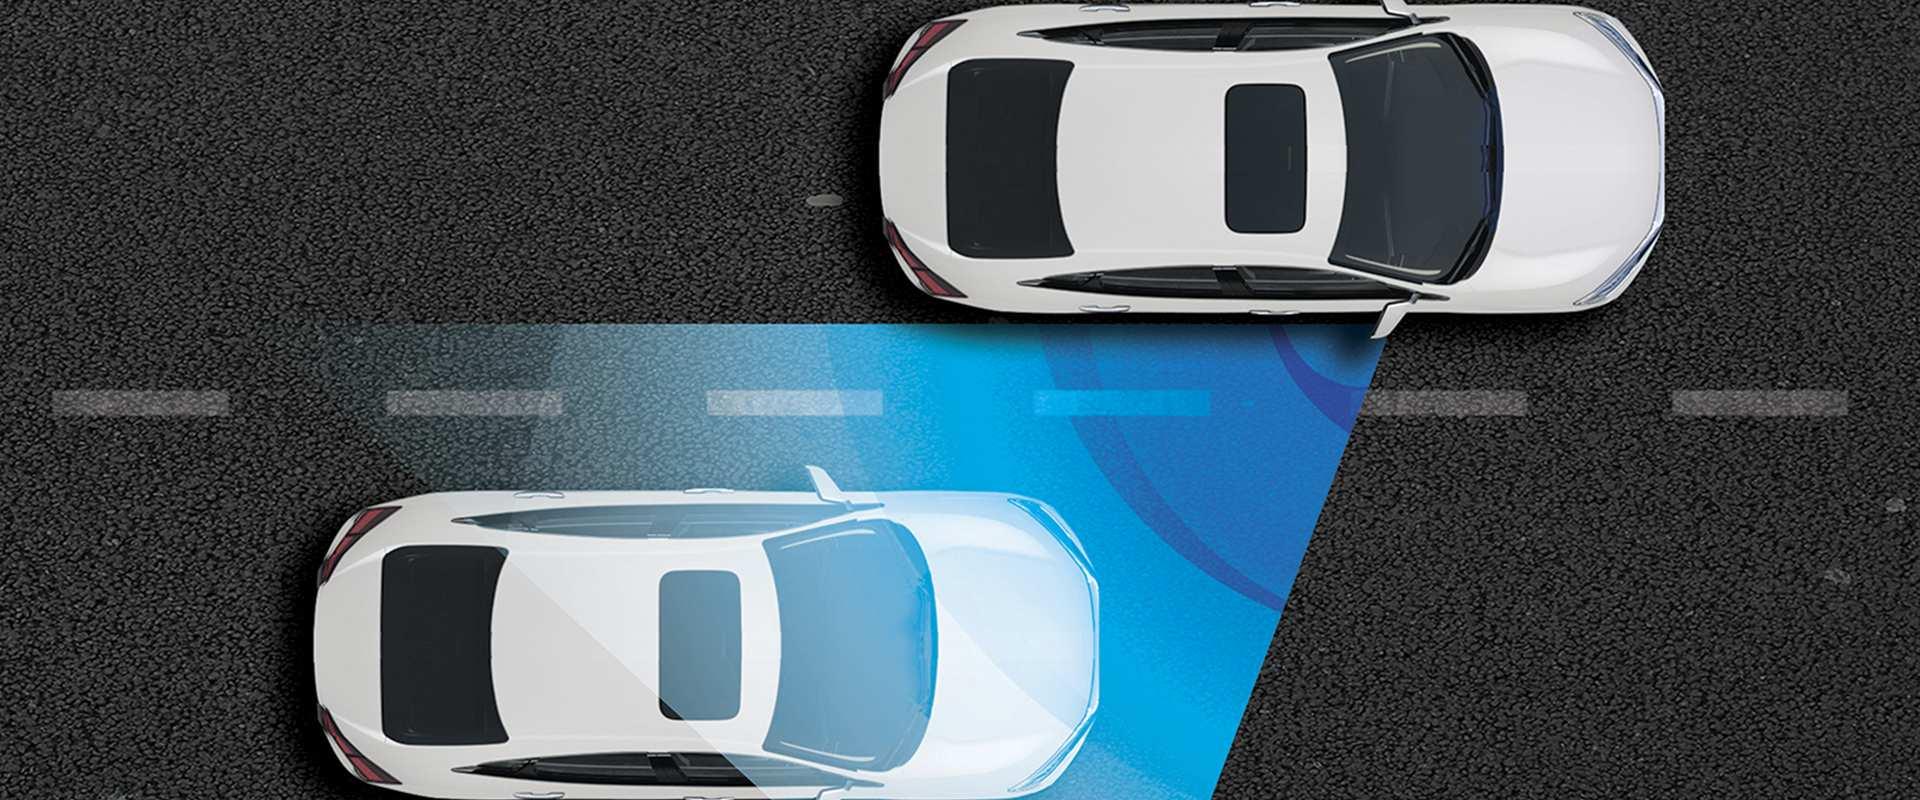 LaneWatch™ - Assistente para redução de pontos cegos - Segurança e facilidade: o LaneWatch™ é um assistente de visibilidade lateral para redução de pontos cegos. Exibe na tela do multimídia a faixa de rodagem do lado direito do veículo, aumentando ângulo de visão do motorista em até 4 vezes.